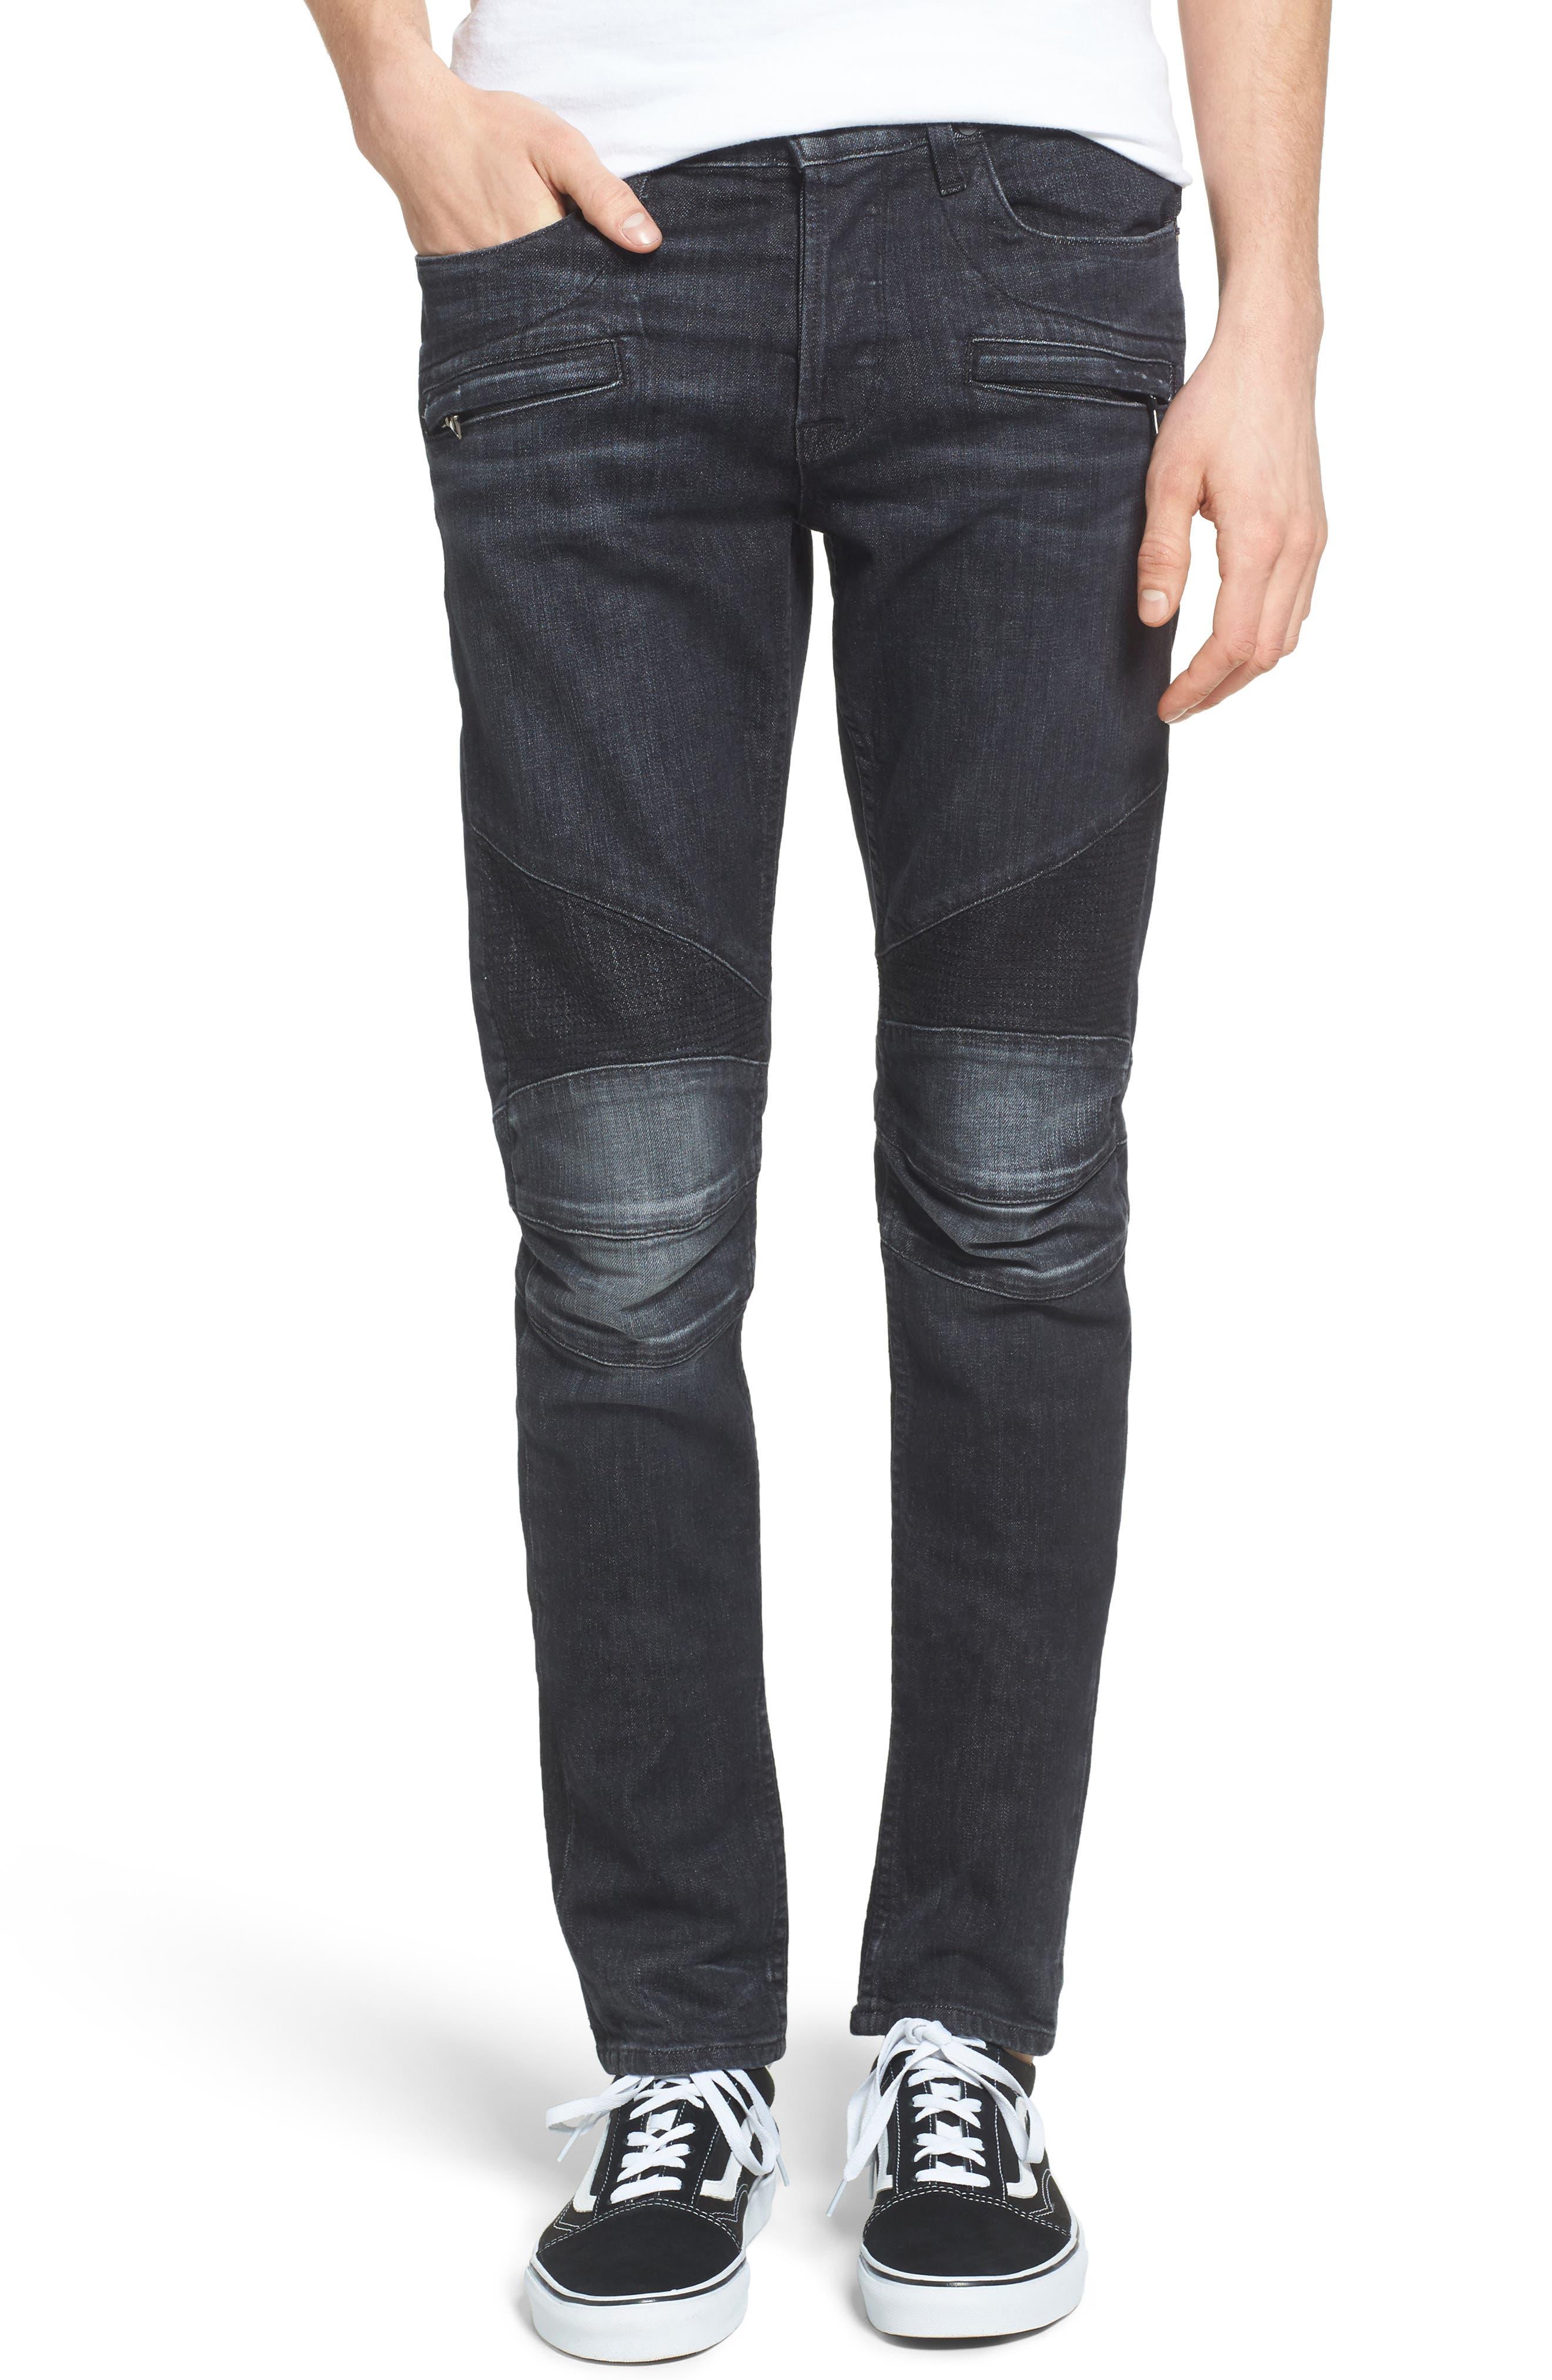 Blinder Skinny Fit Moto Jeans,                         Main,                         color, Sparring 2